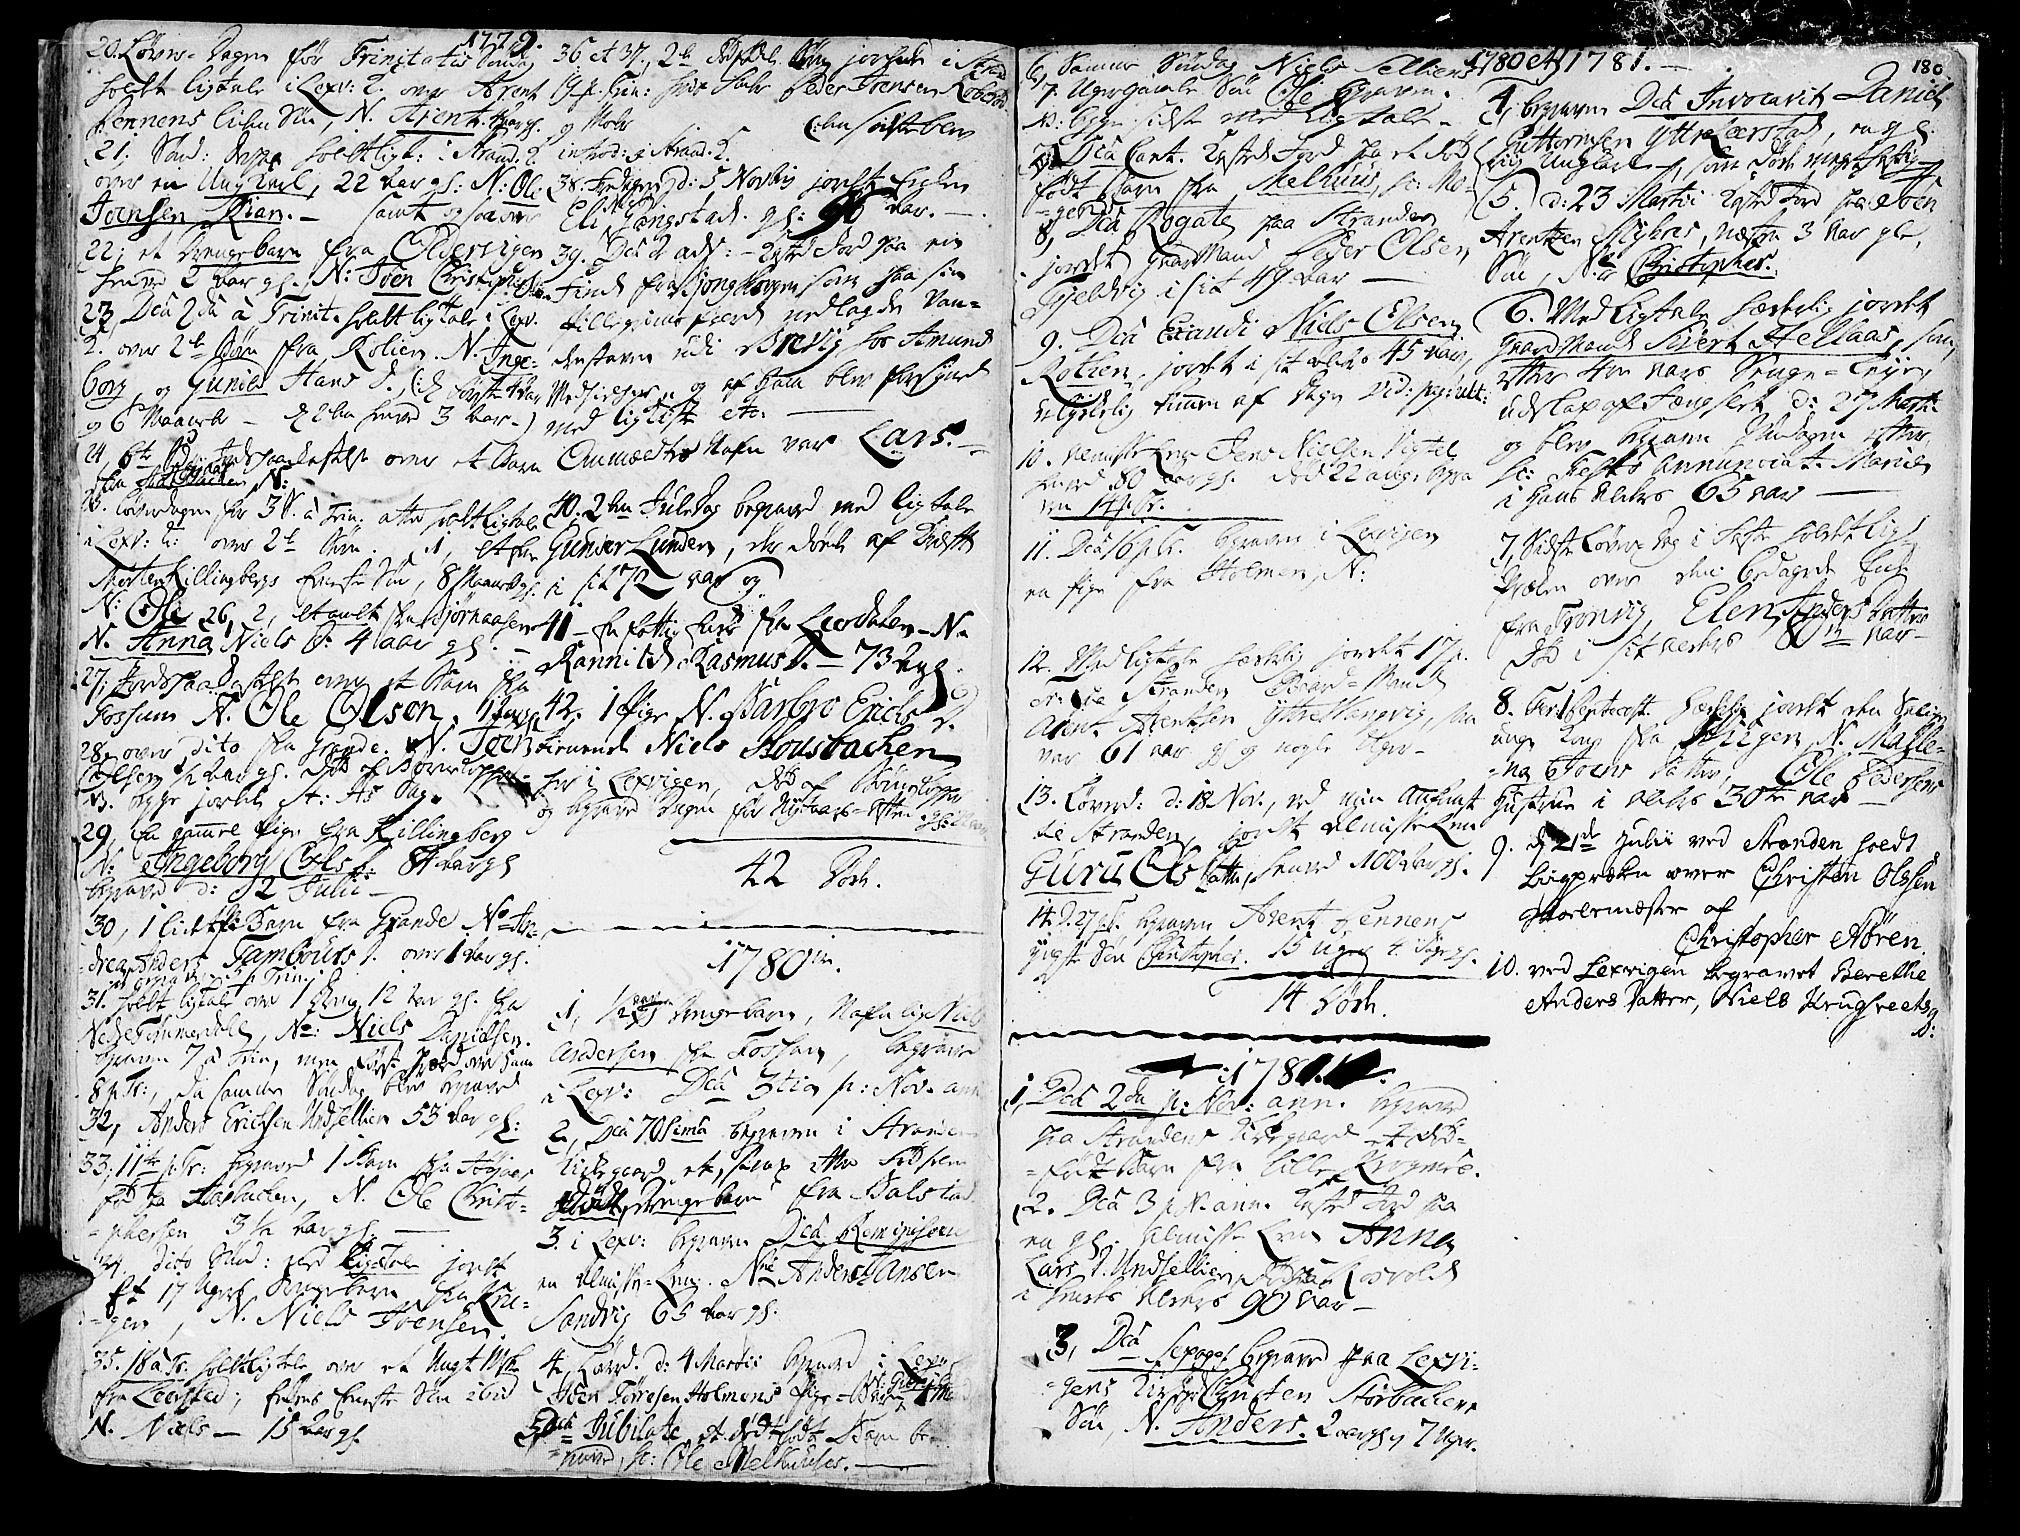 SAT, Ministerialprotokoller, klokkerbøker og fødselsregistre - Nord-Trøndelag, 701/L0003: Ministerialbok nr. 701A03, 1751-1783, s. 180